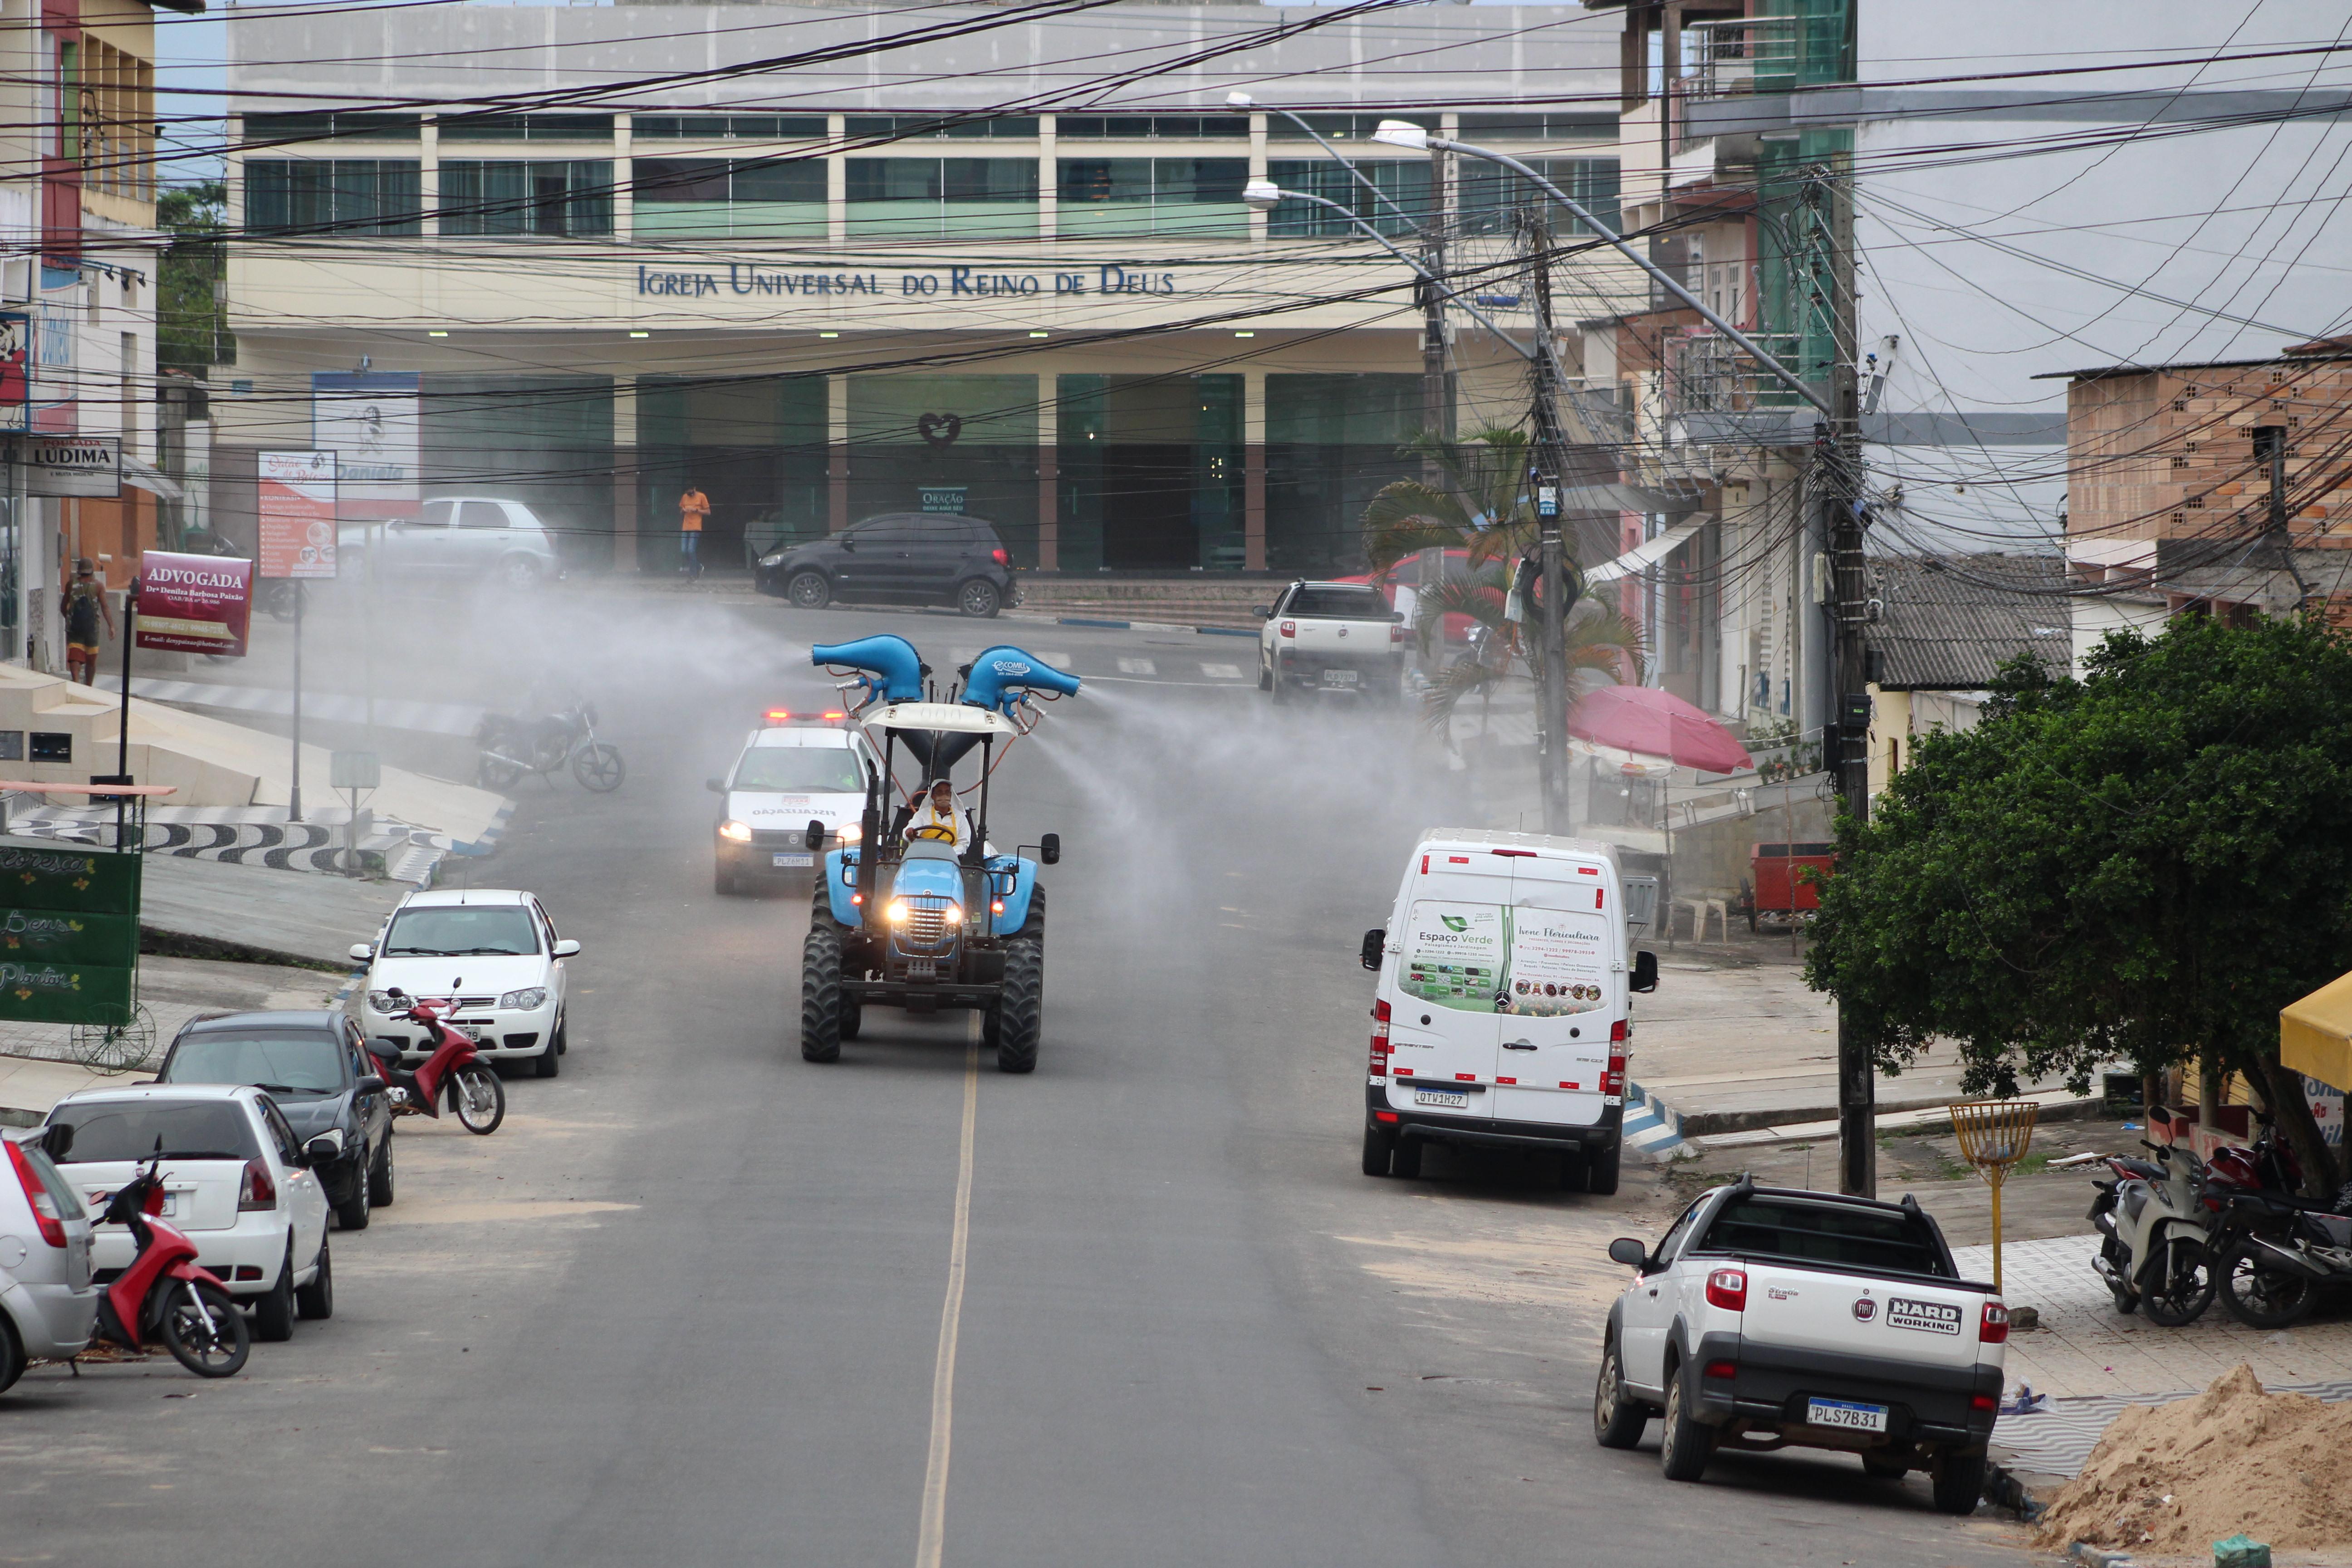 Prefeitura de Itamaraju realiza desinfecção de ruas e espaços públicos